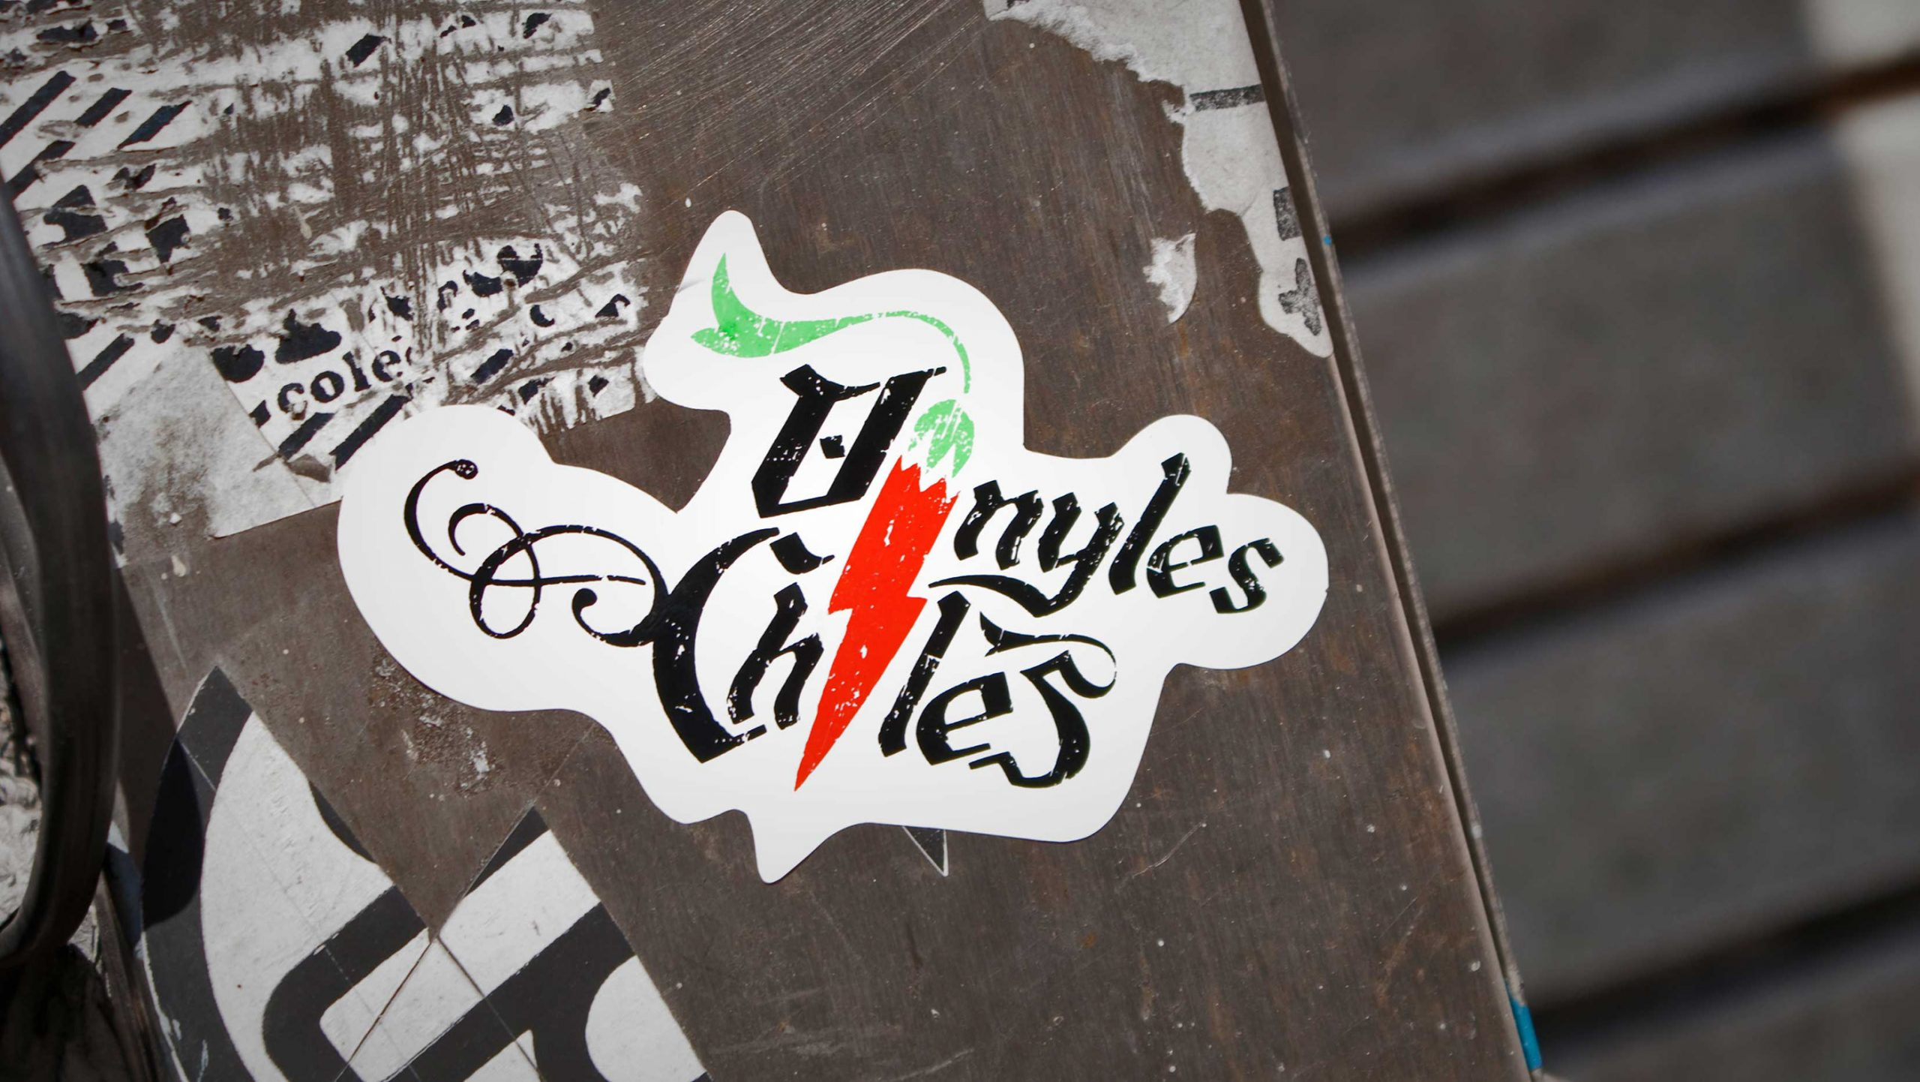 VinylesChiles